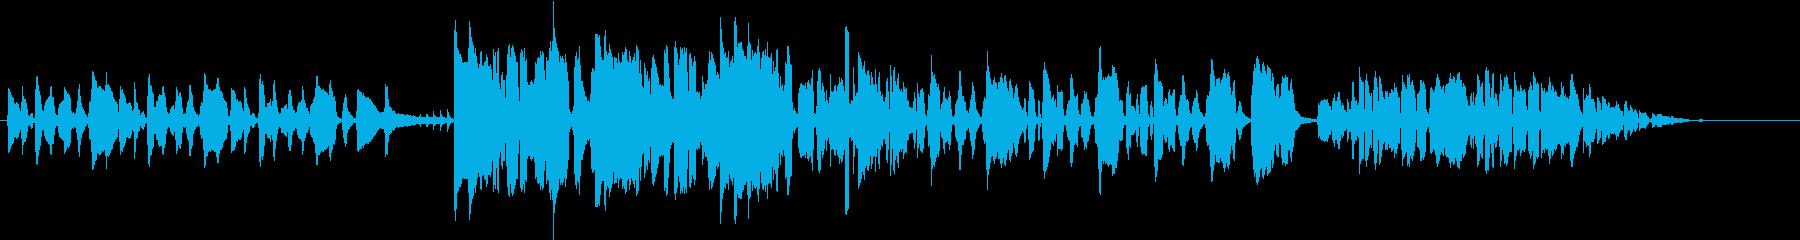 コメディ風のオーケストラ&ジャズの再生済みの波形